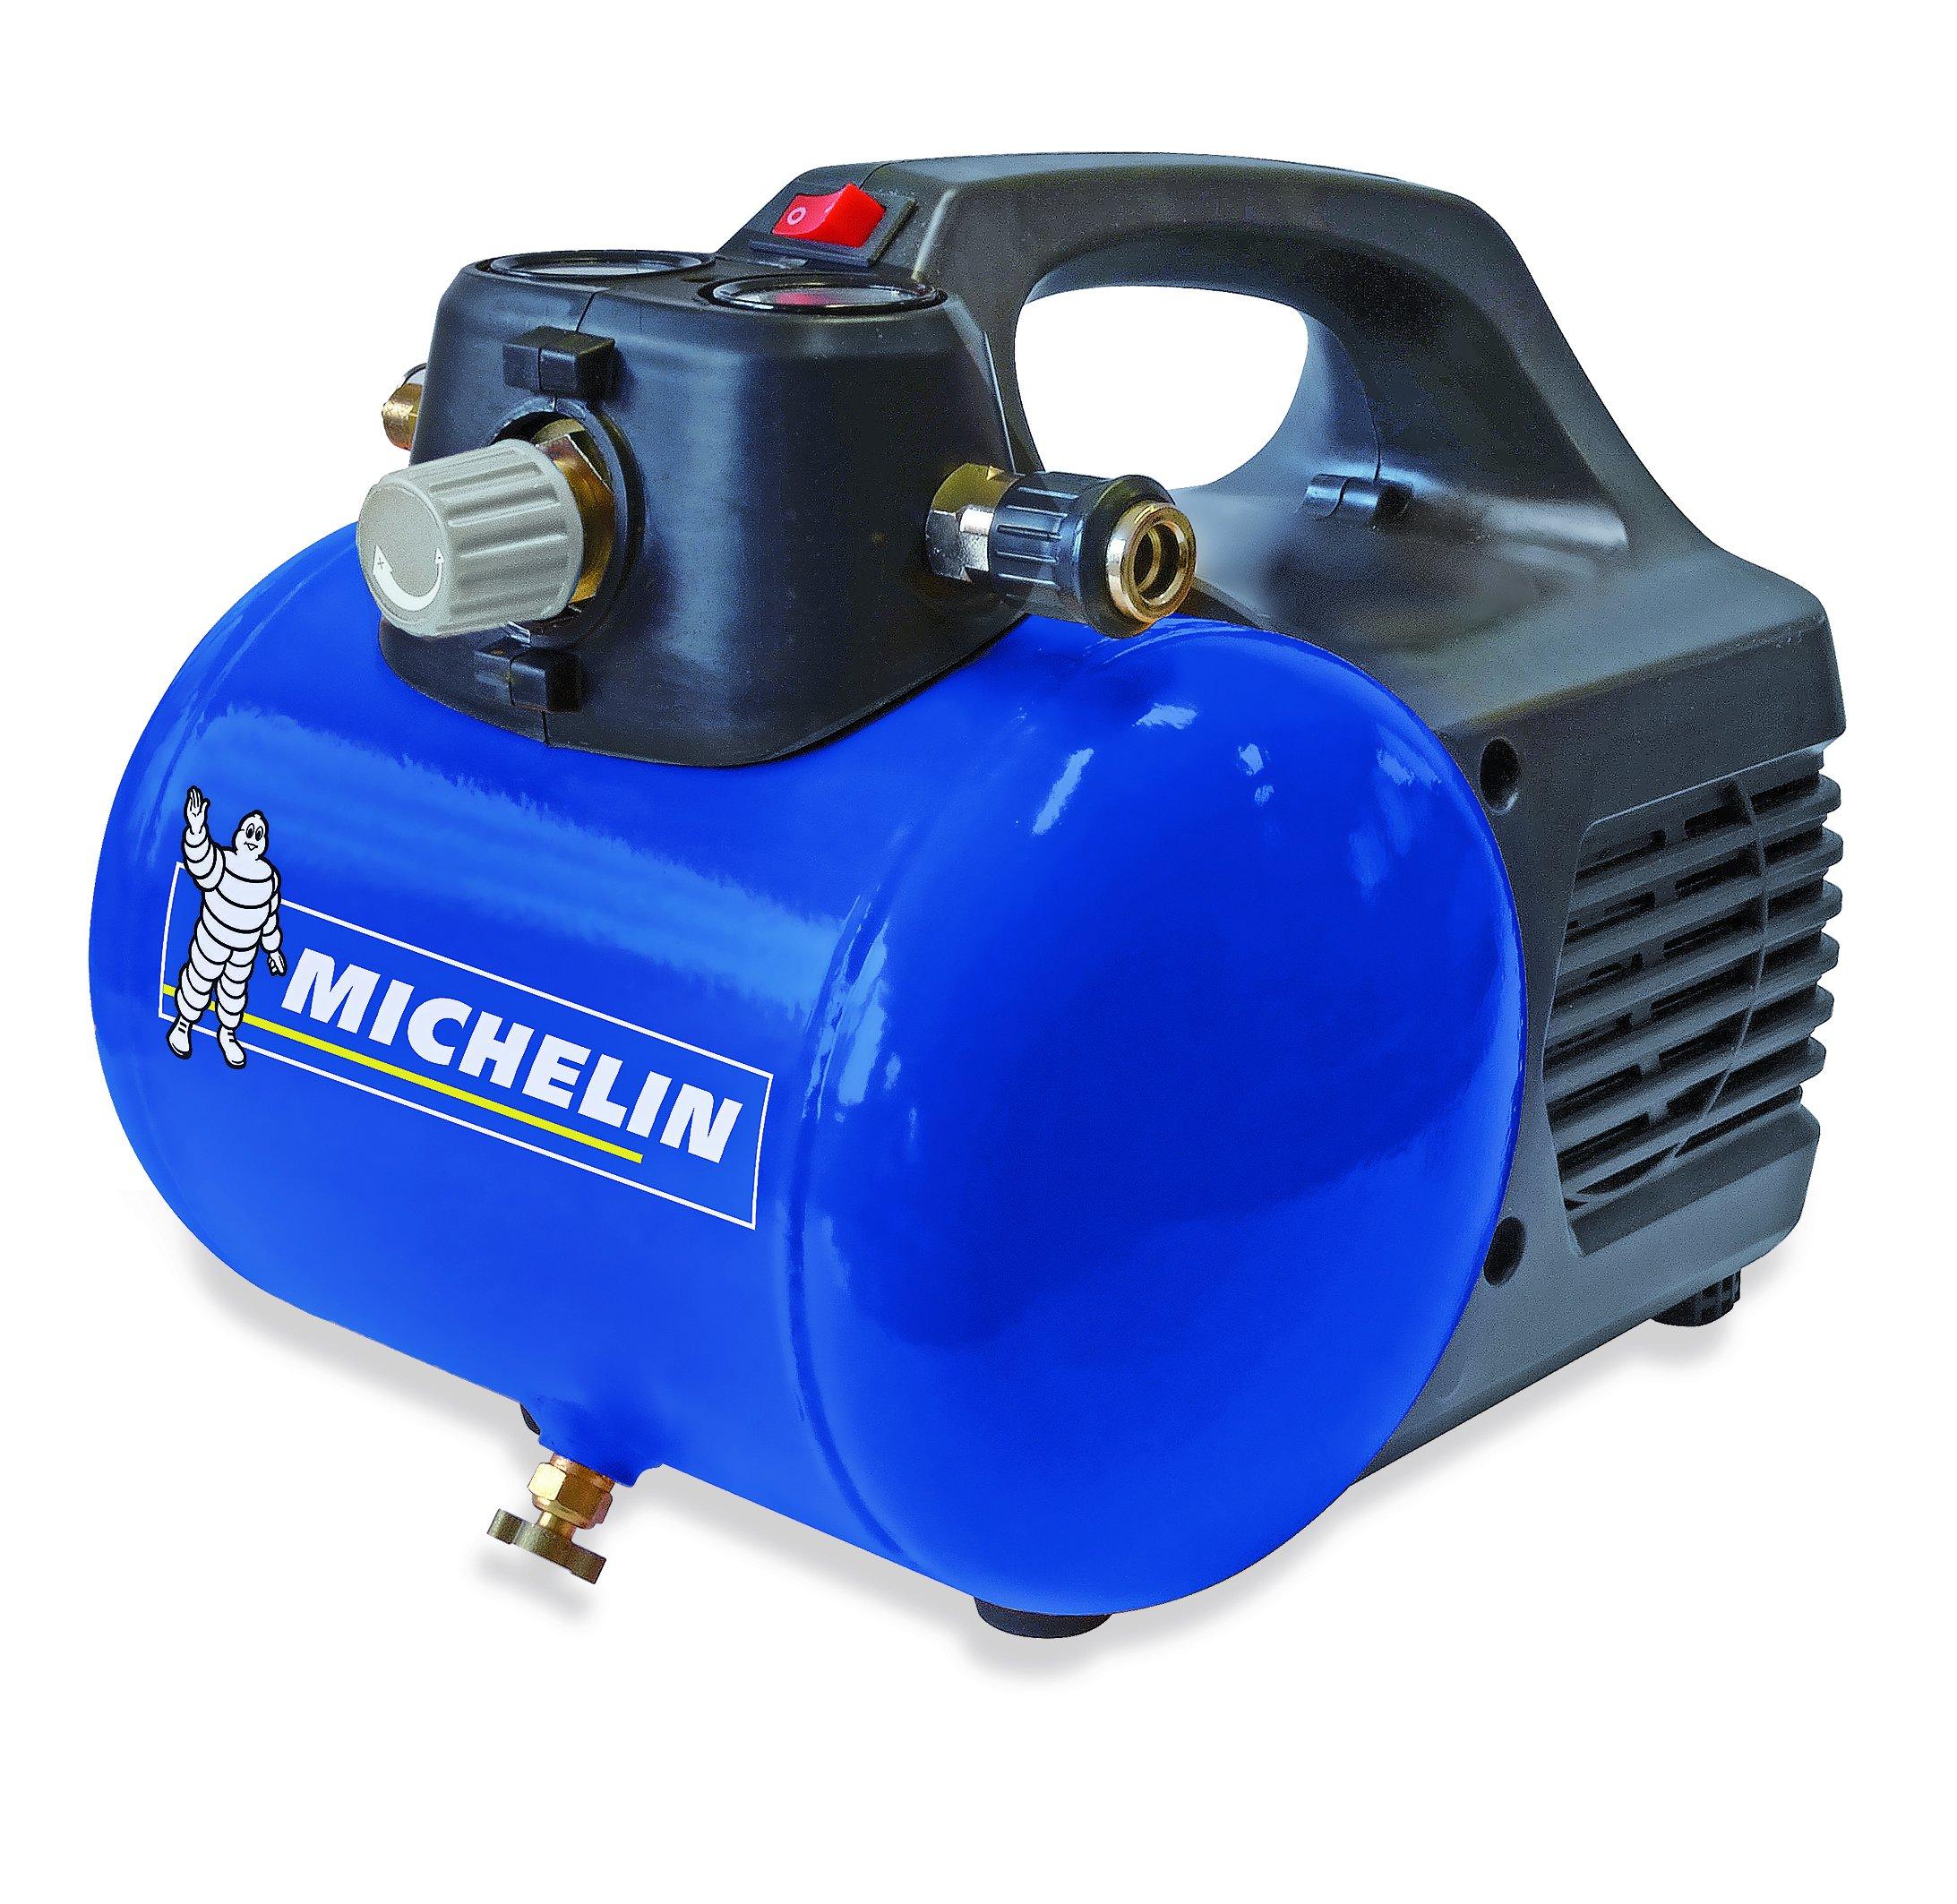 Michelin CA-MBL6Compressor 6Lt. 8 bar, 33 litres/min, 0.4HP